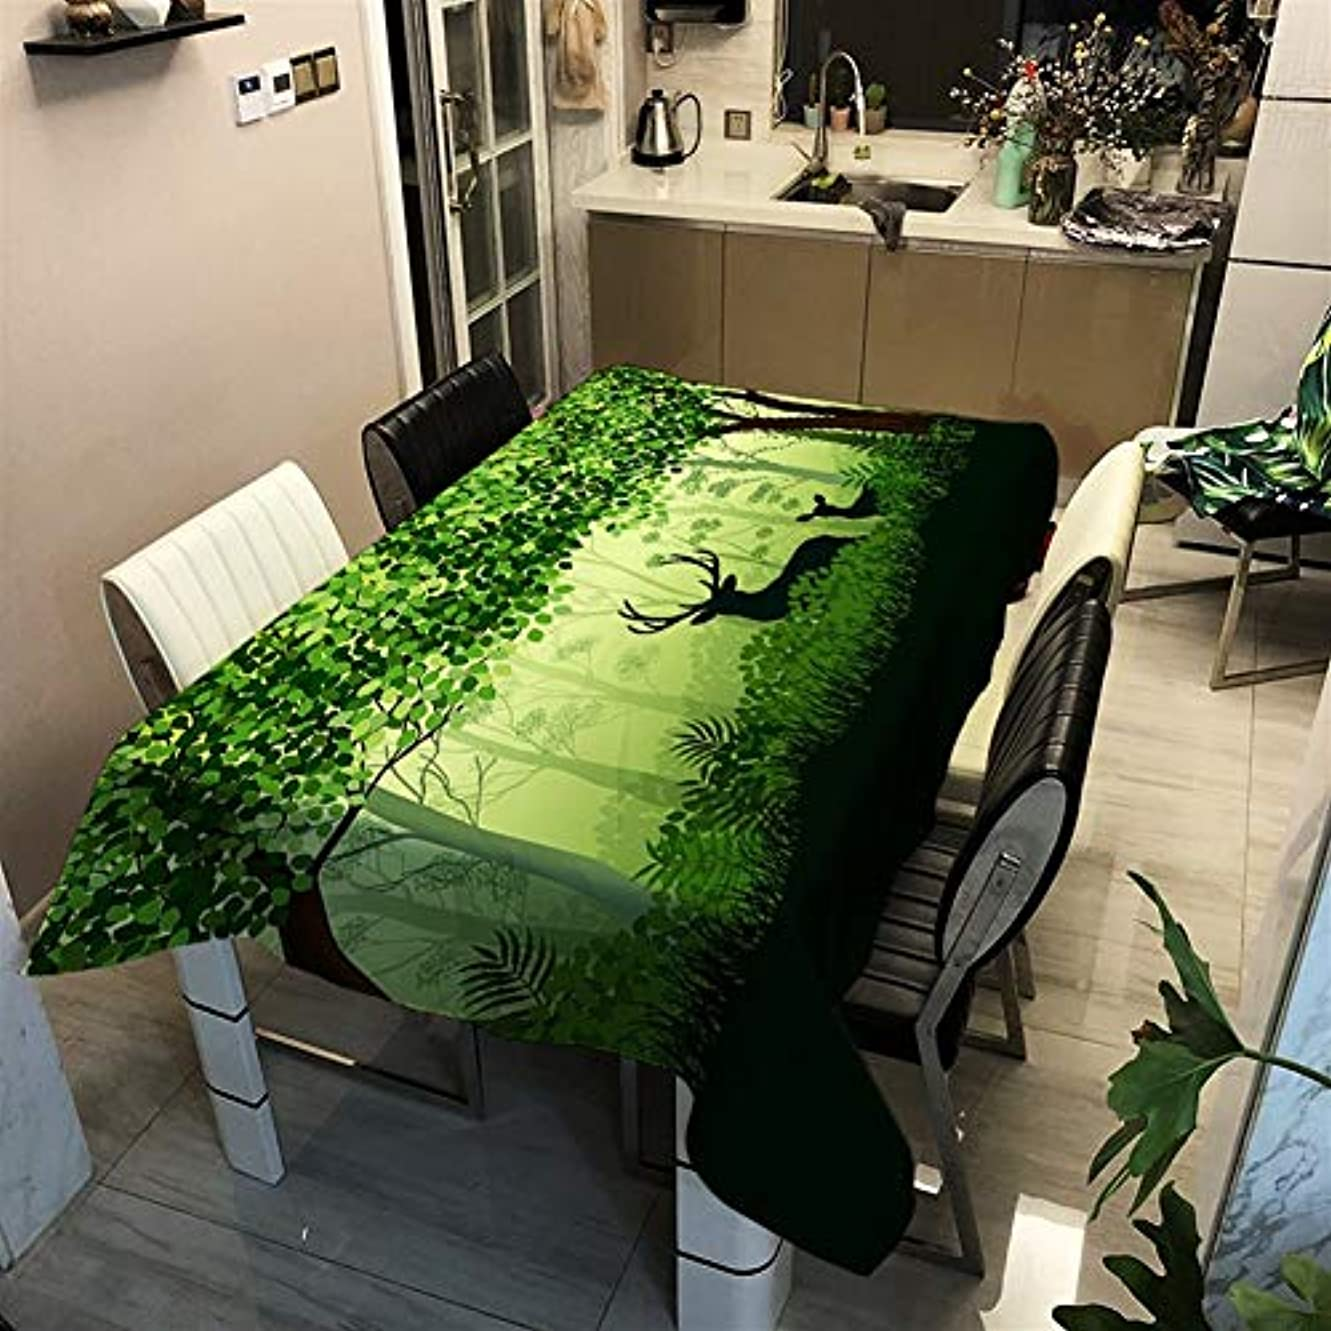 初期露リッチ撥水 テーブルクロス ポリエステル素材緑の森のパターン 洗える (Color : 3, Size : 140x140cm)